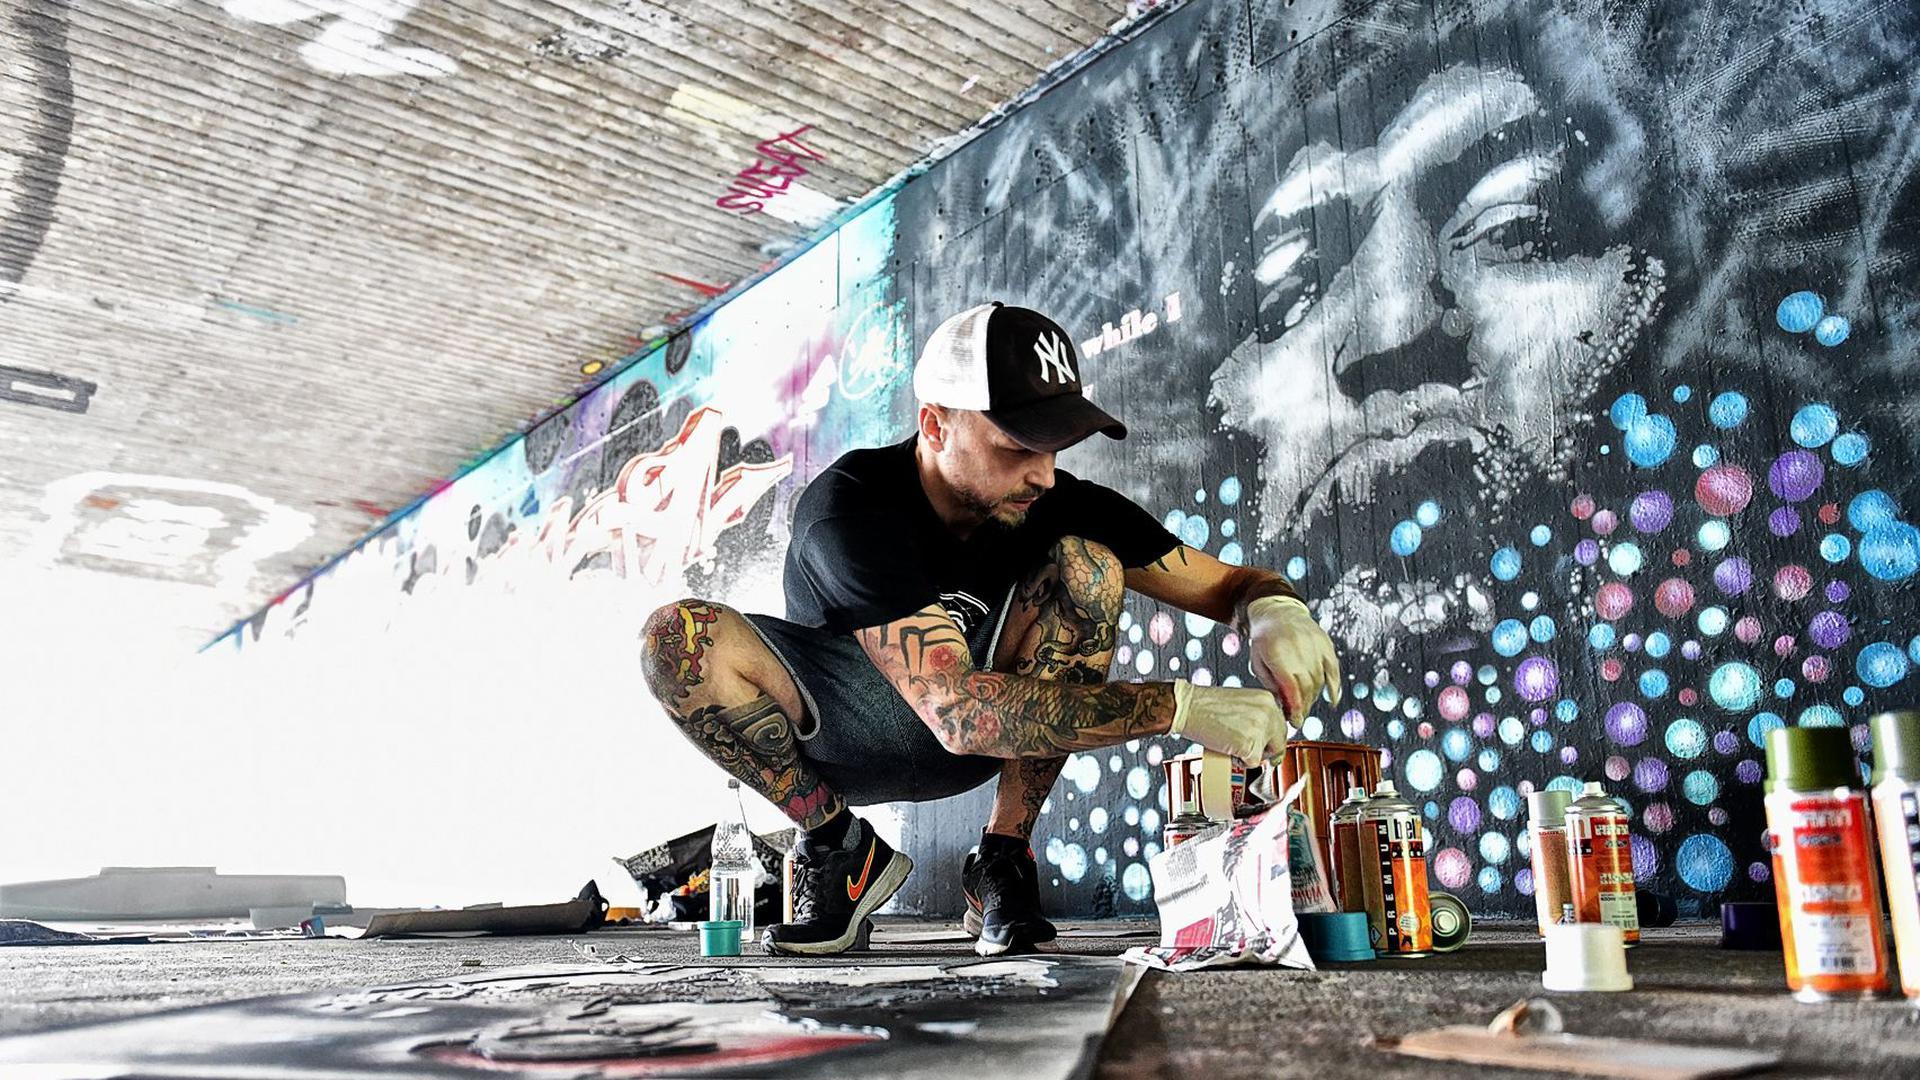 Künstler Streetart Wand